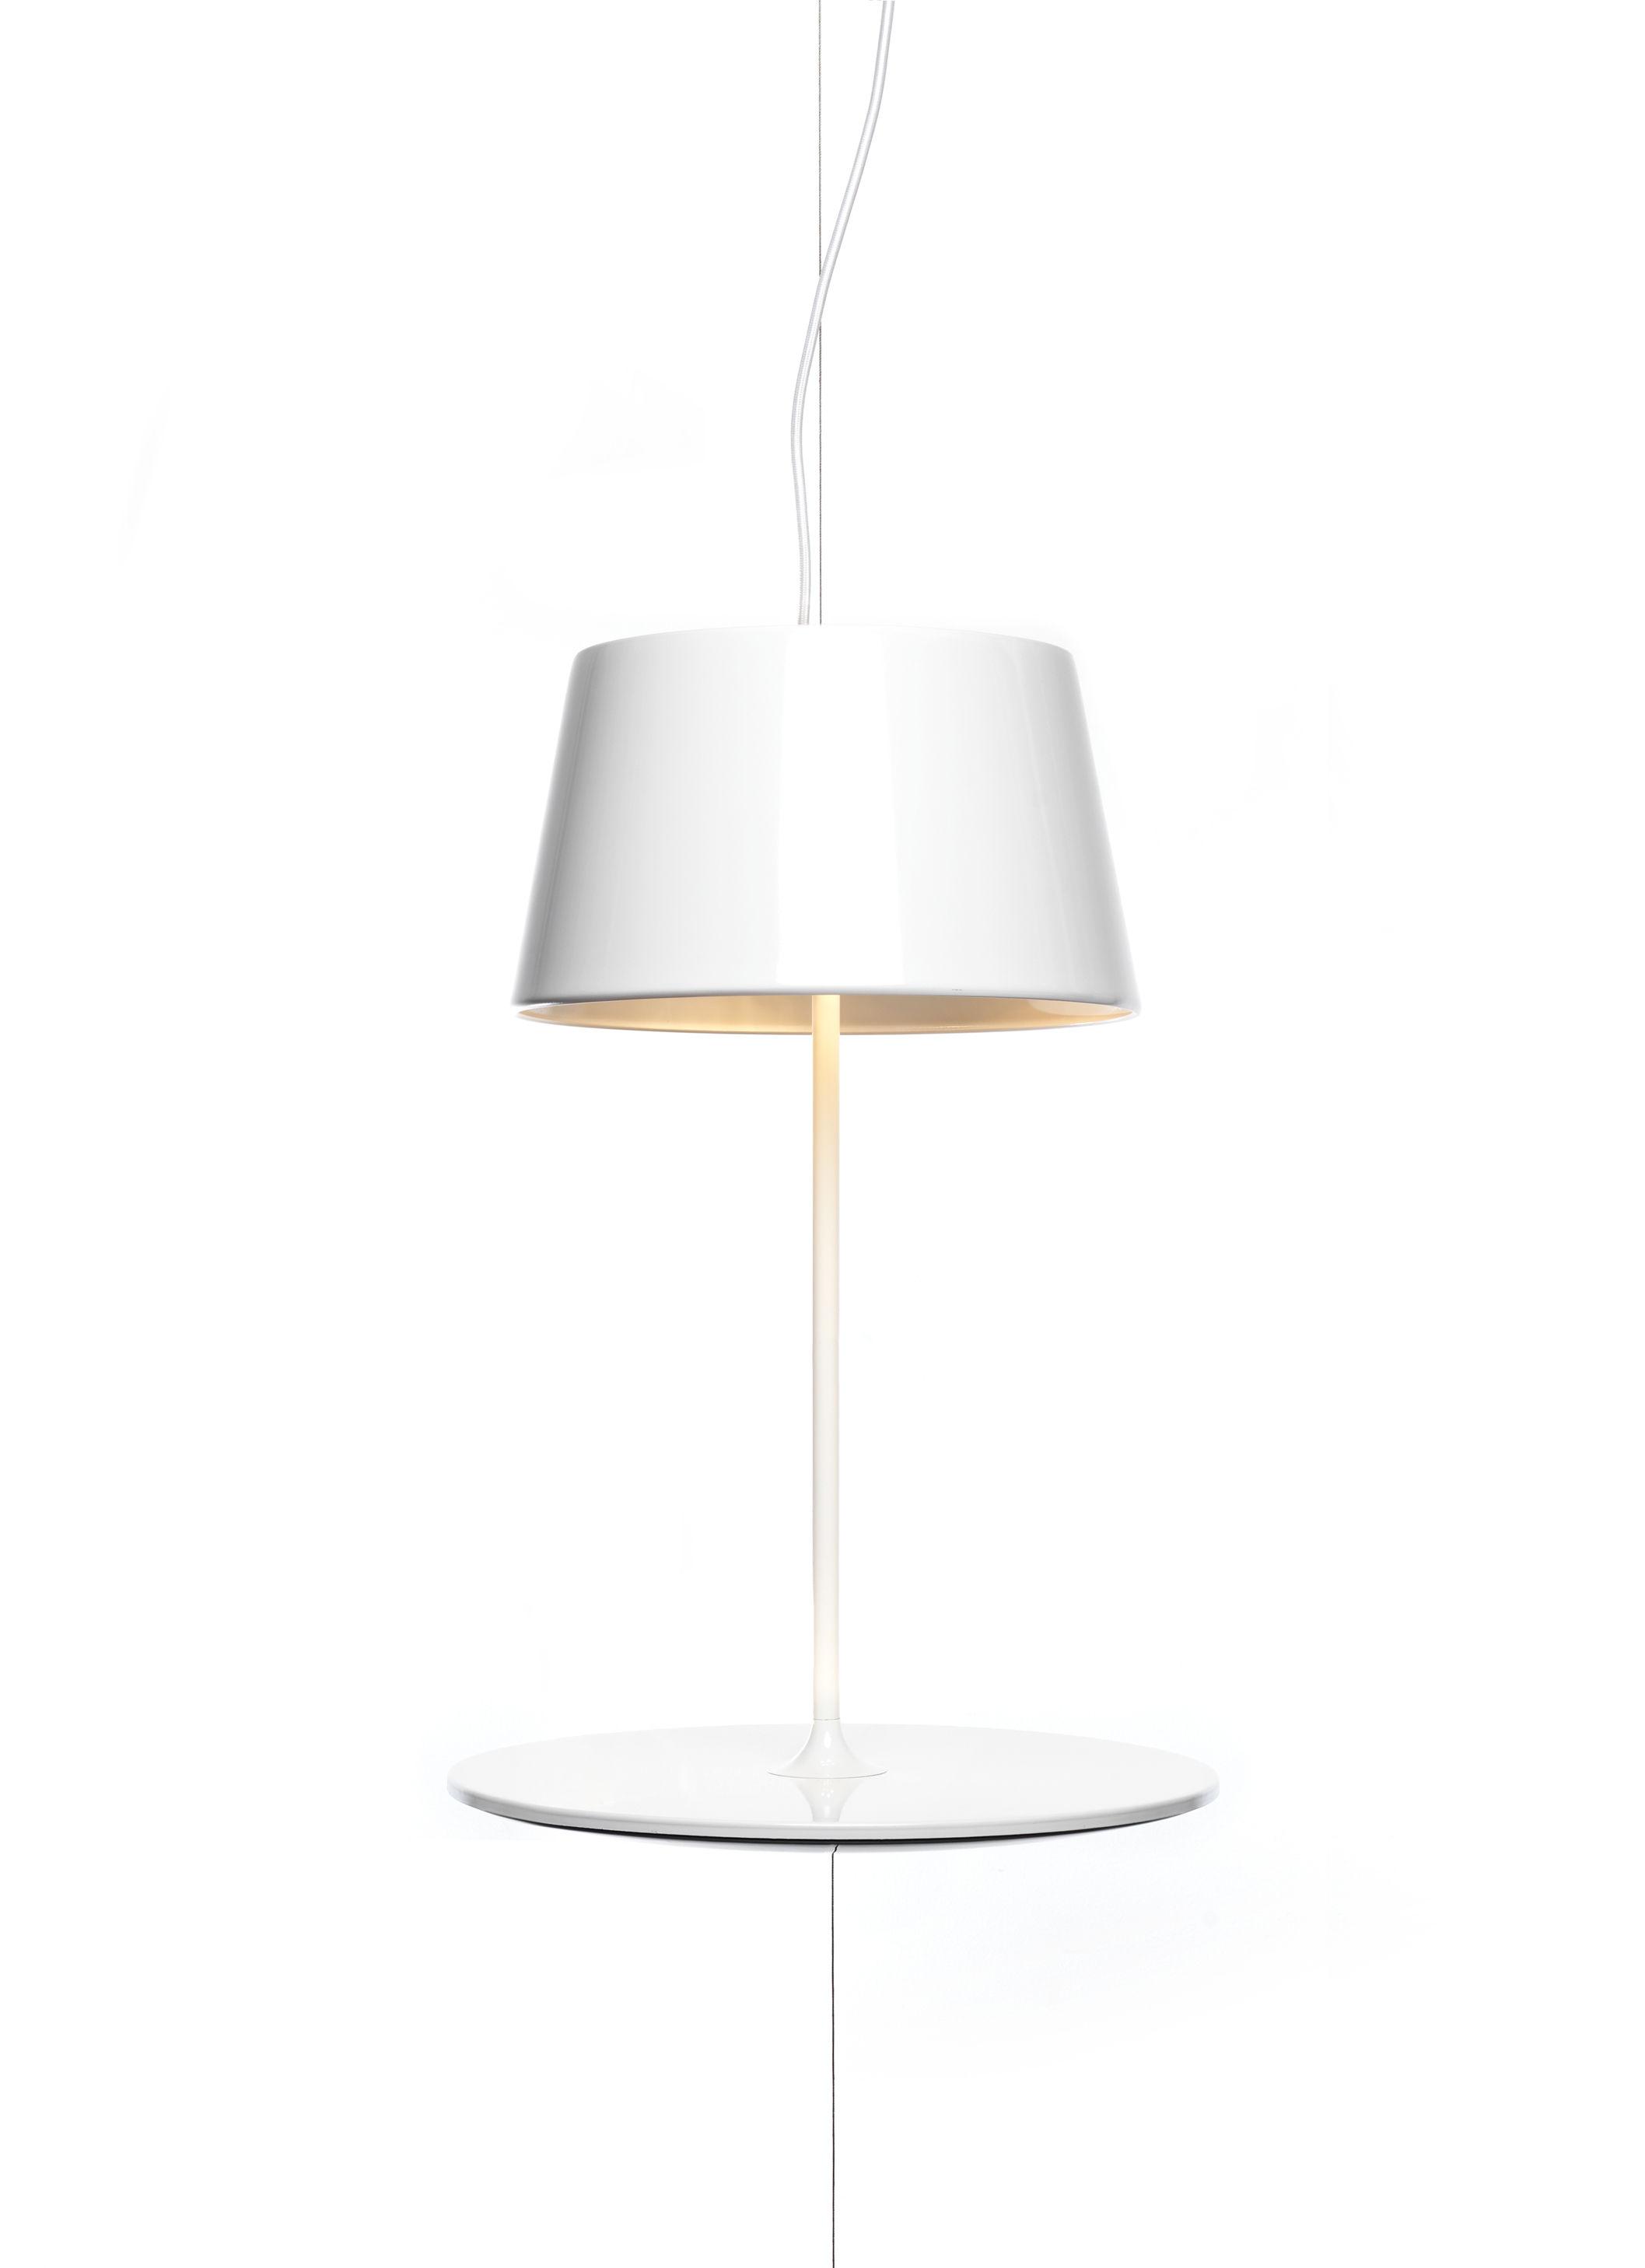 Illuminazione - Lampadari - Sospensione Illusion - / Piano d'appoggio di Northern  - Bianco - Acciaio laccato, Alluminio laccato